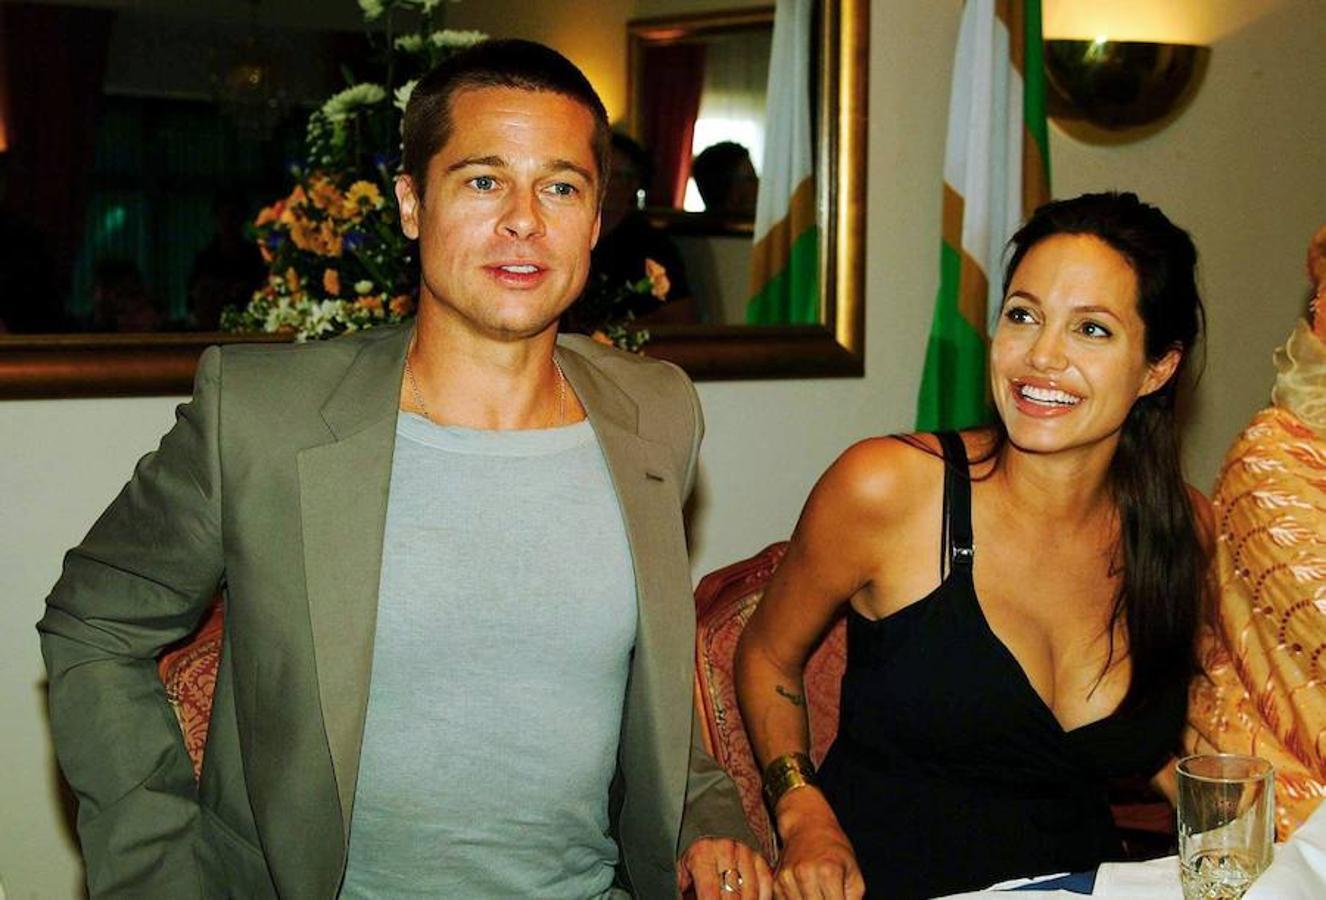 En el 2005, una serie de fotos confirmaban el nuevo romance hollywoodense: Brad Pitt y Angelina Jolie